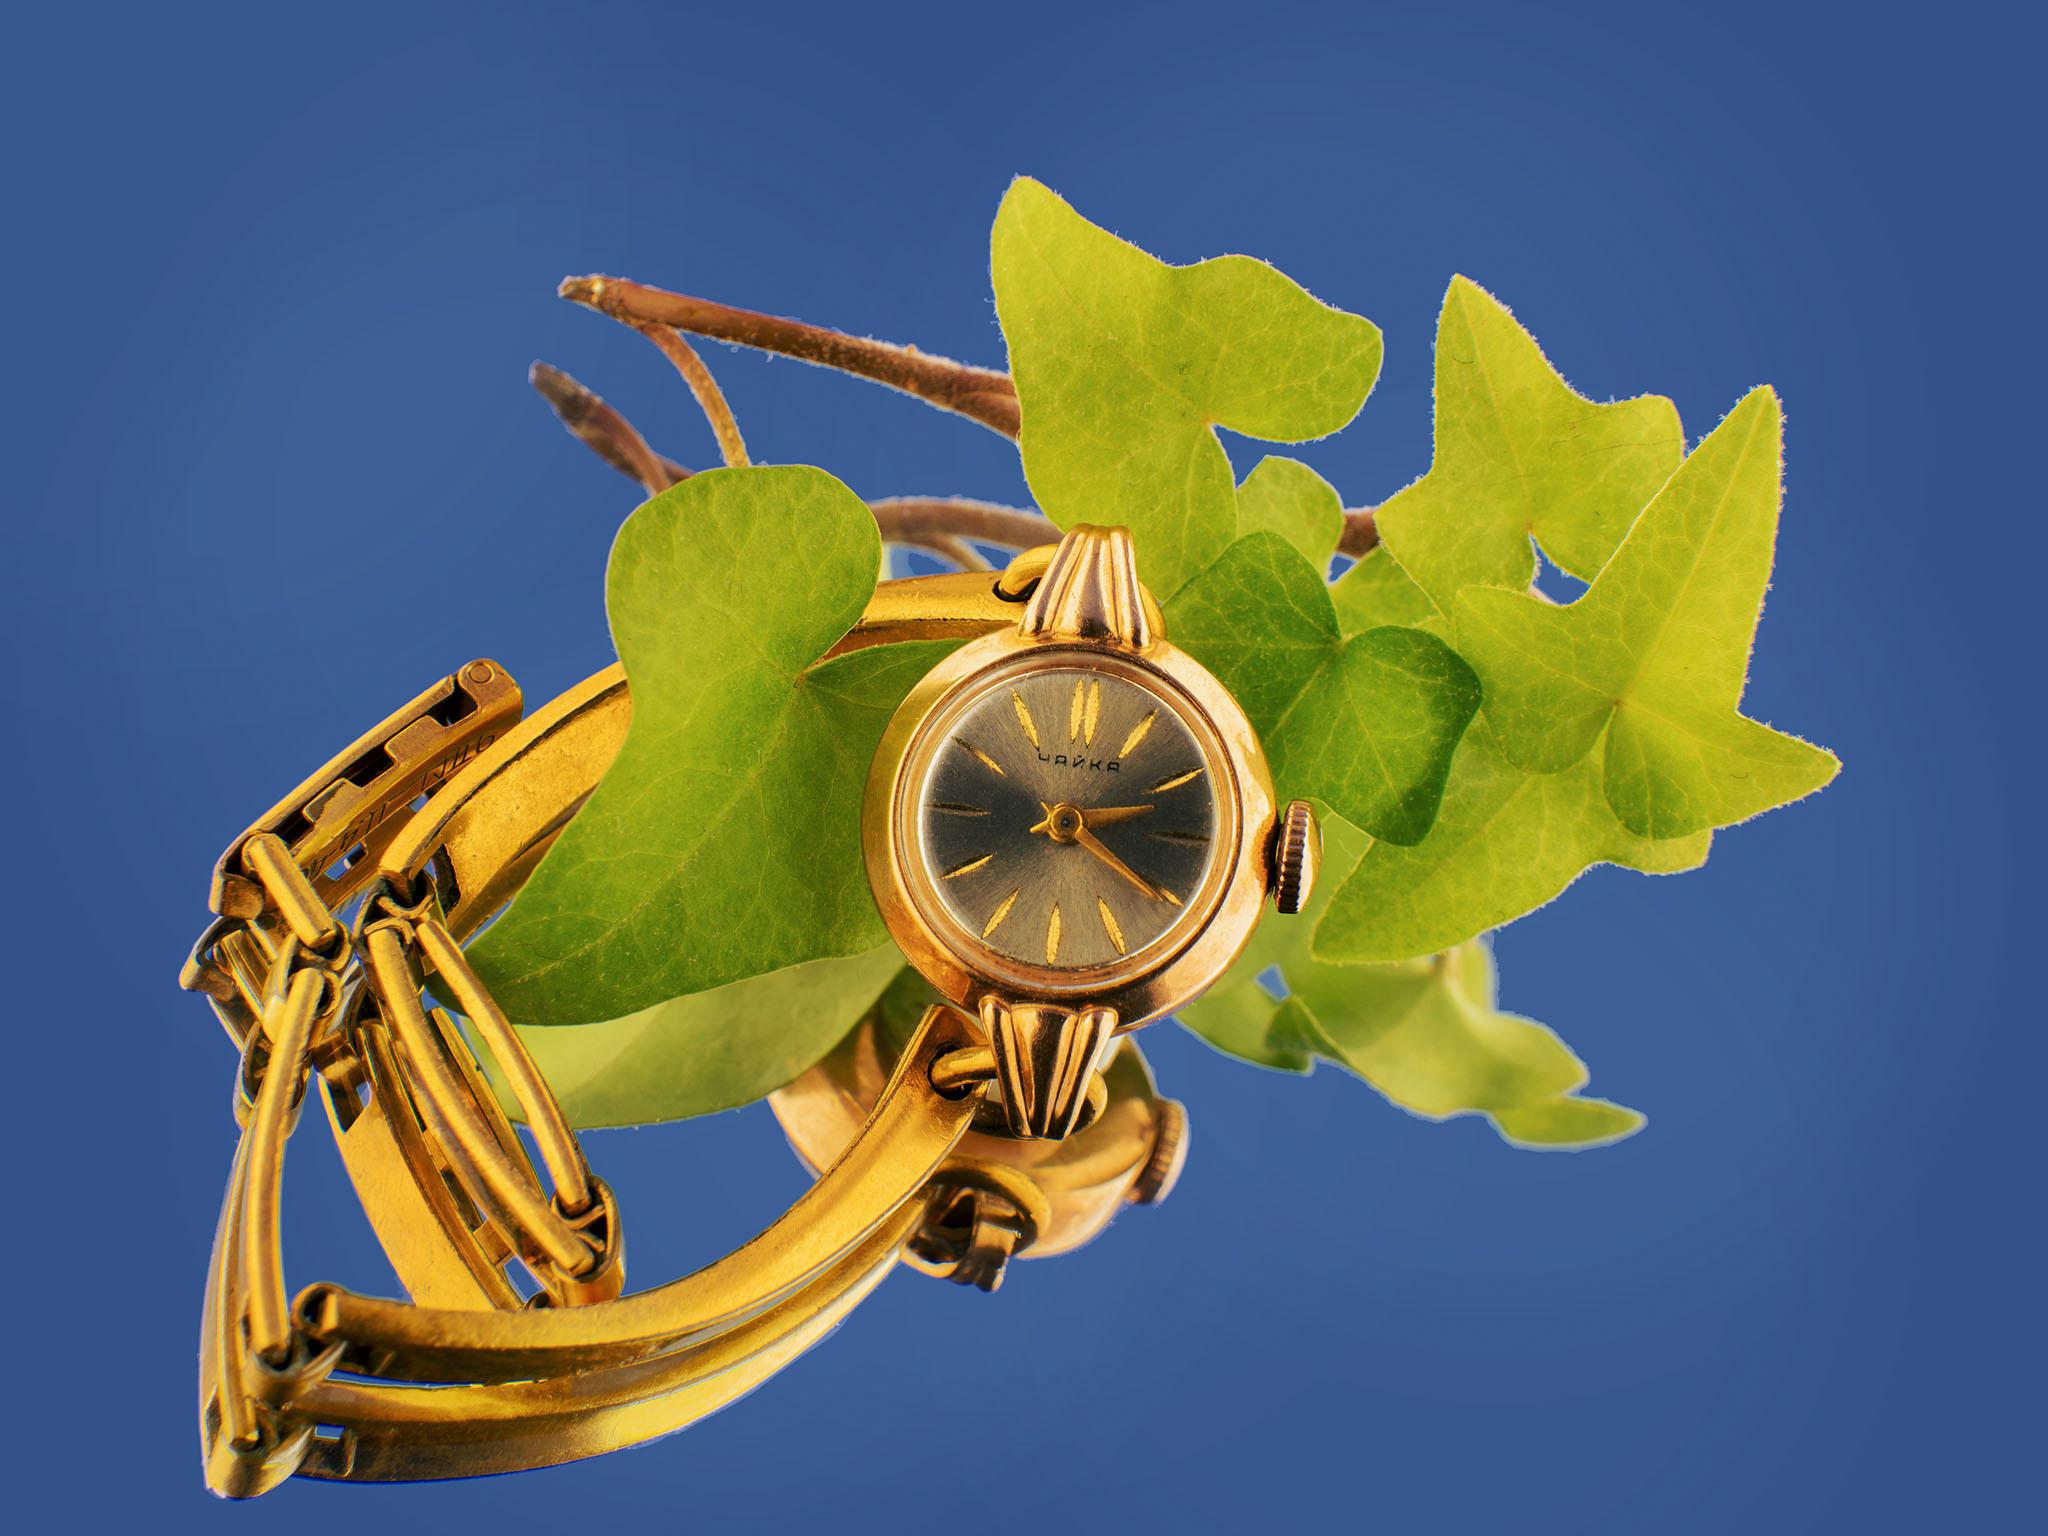 Старые часы. Ювелирная фотосъемка